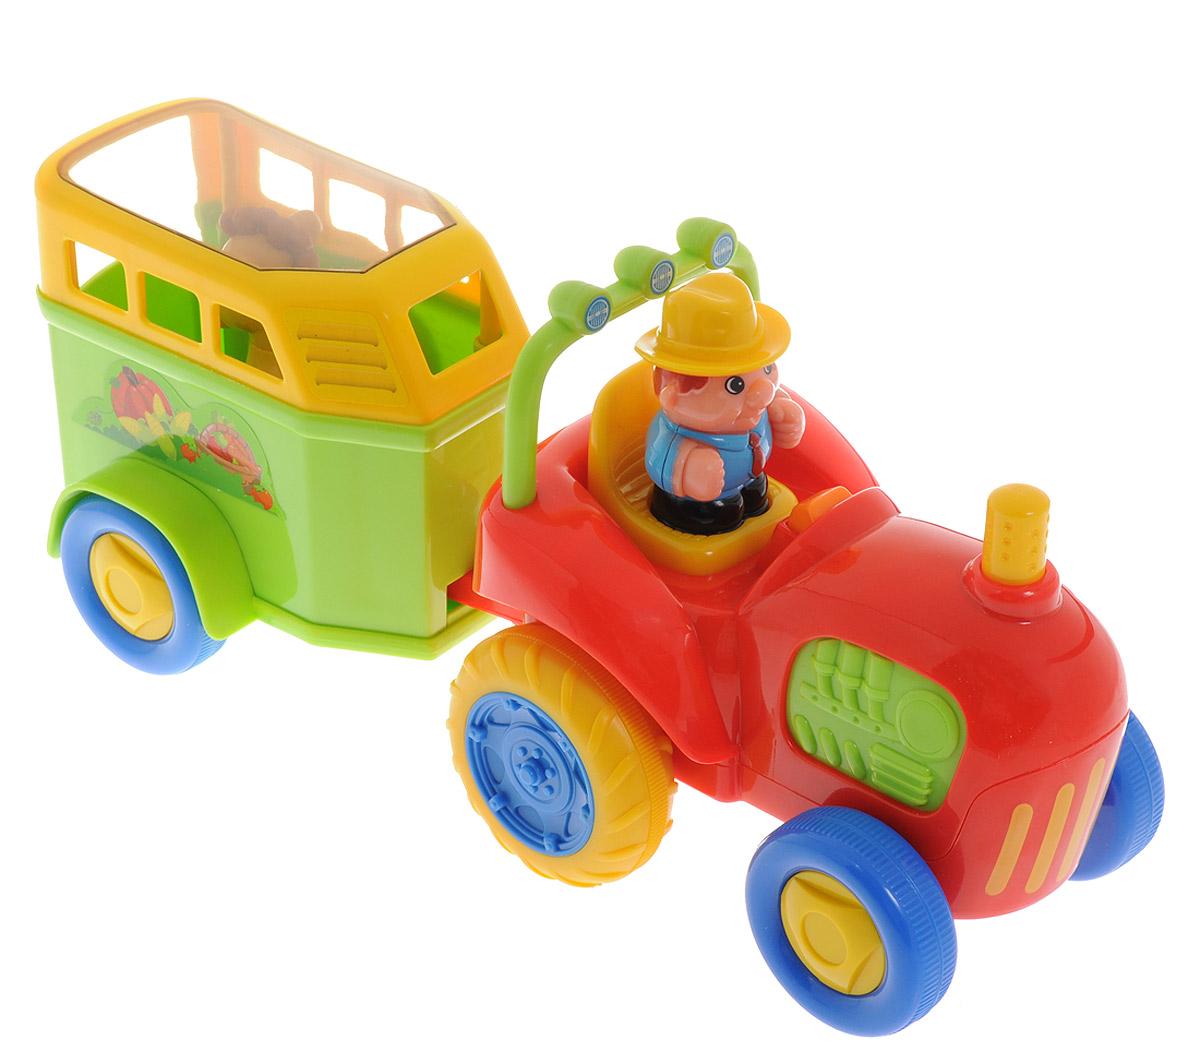 Kiddieland Развивающая игрушка Трактор с лошадкой kiddieland развивающая игрушка забавная камера